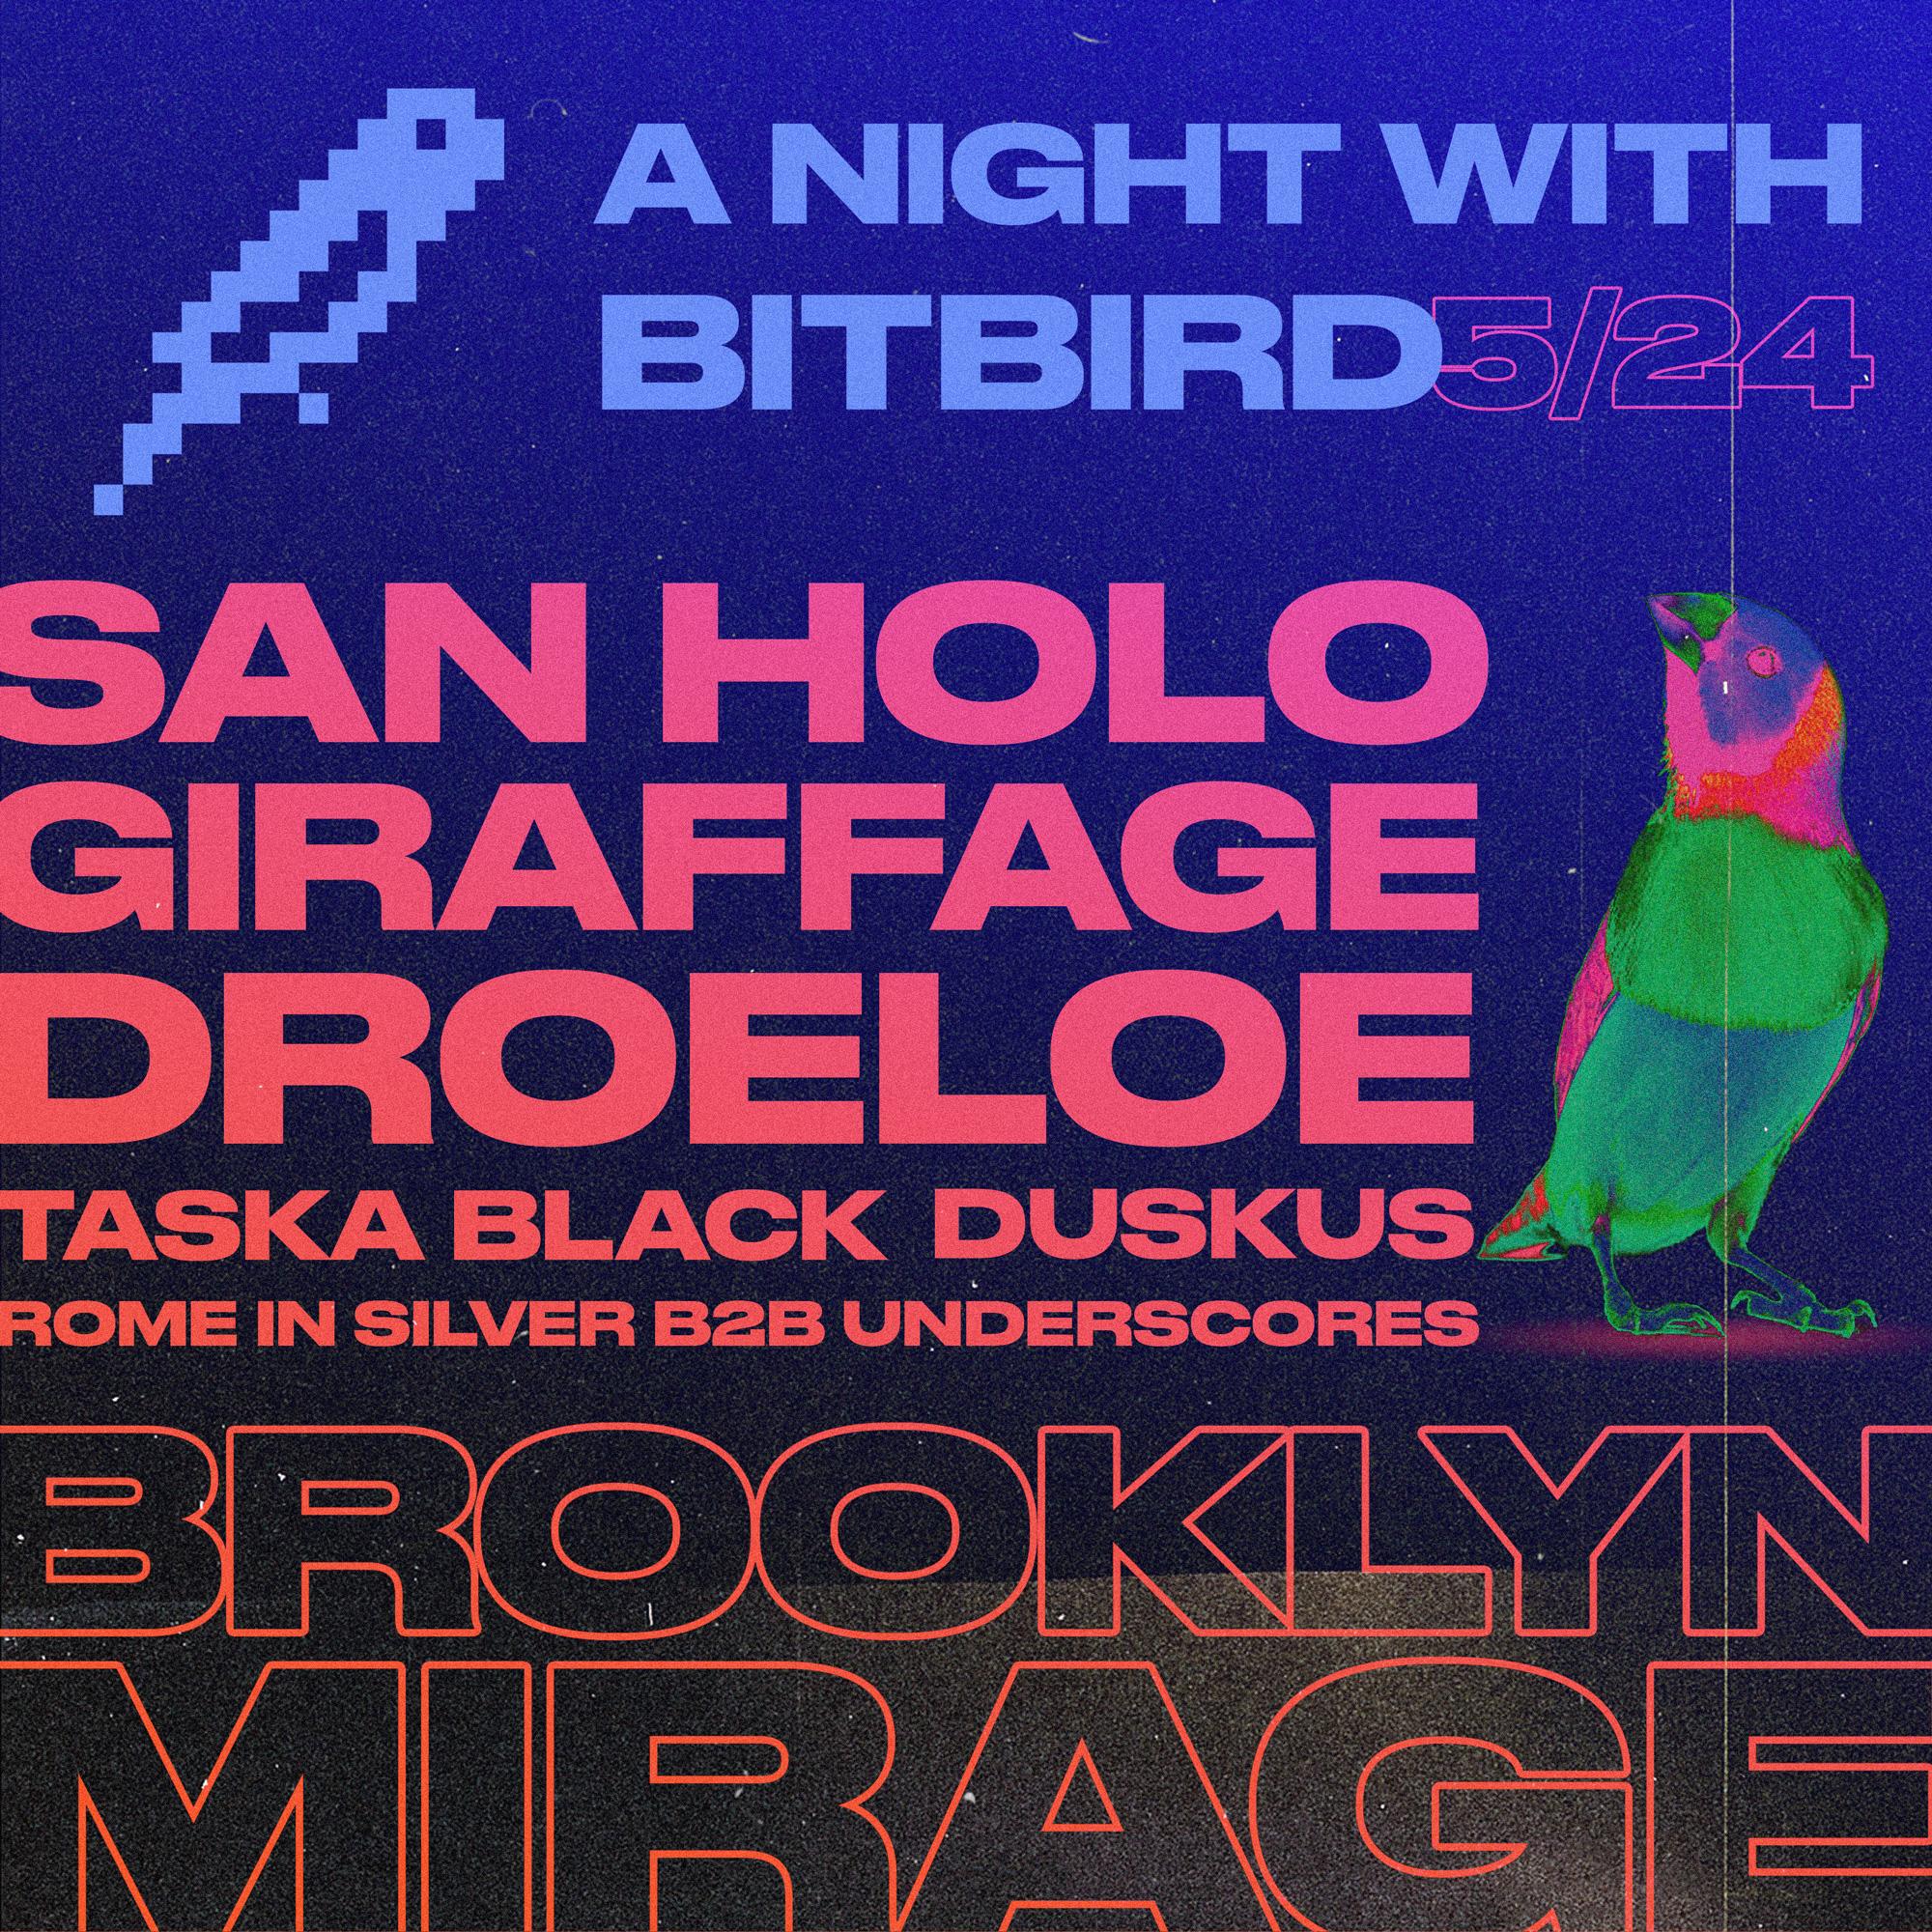 ANWB_brooklynmirage_lineup_full-1-1.JPG